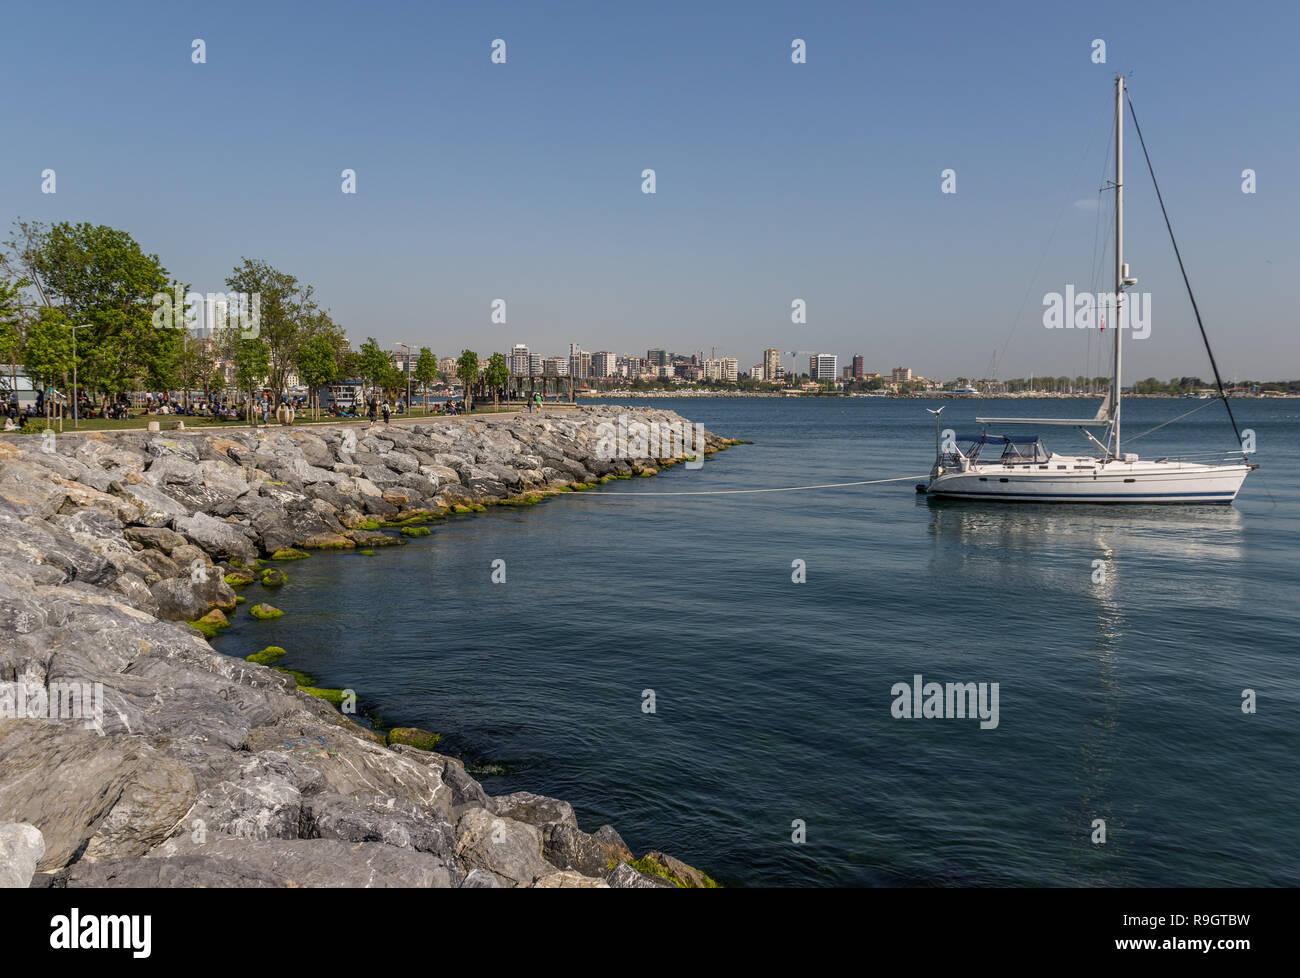 Estambul, Turquía - El distrito de moda, en el lado asiático de Estambul, ofrece un hermoso paseo marítimo a lo largo de la Bosforus Imagen De Stock